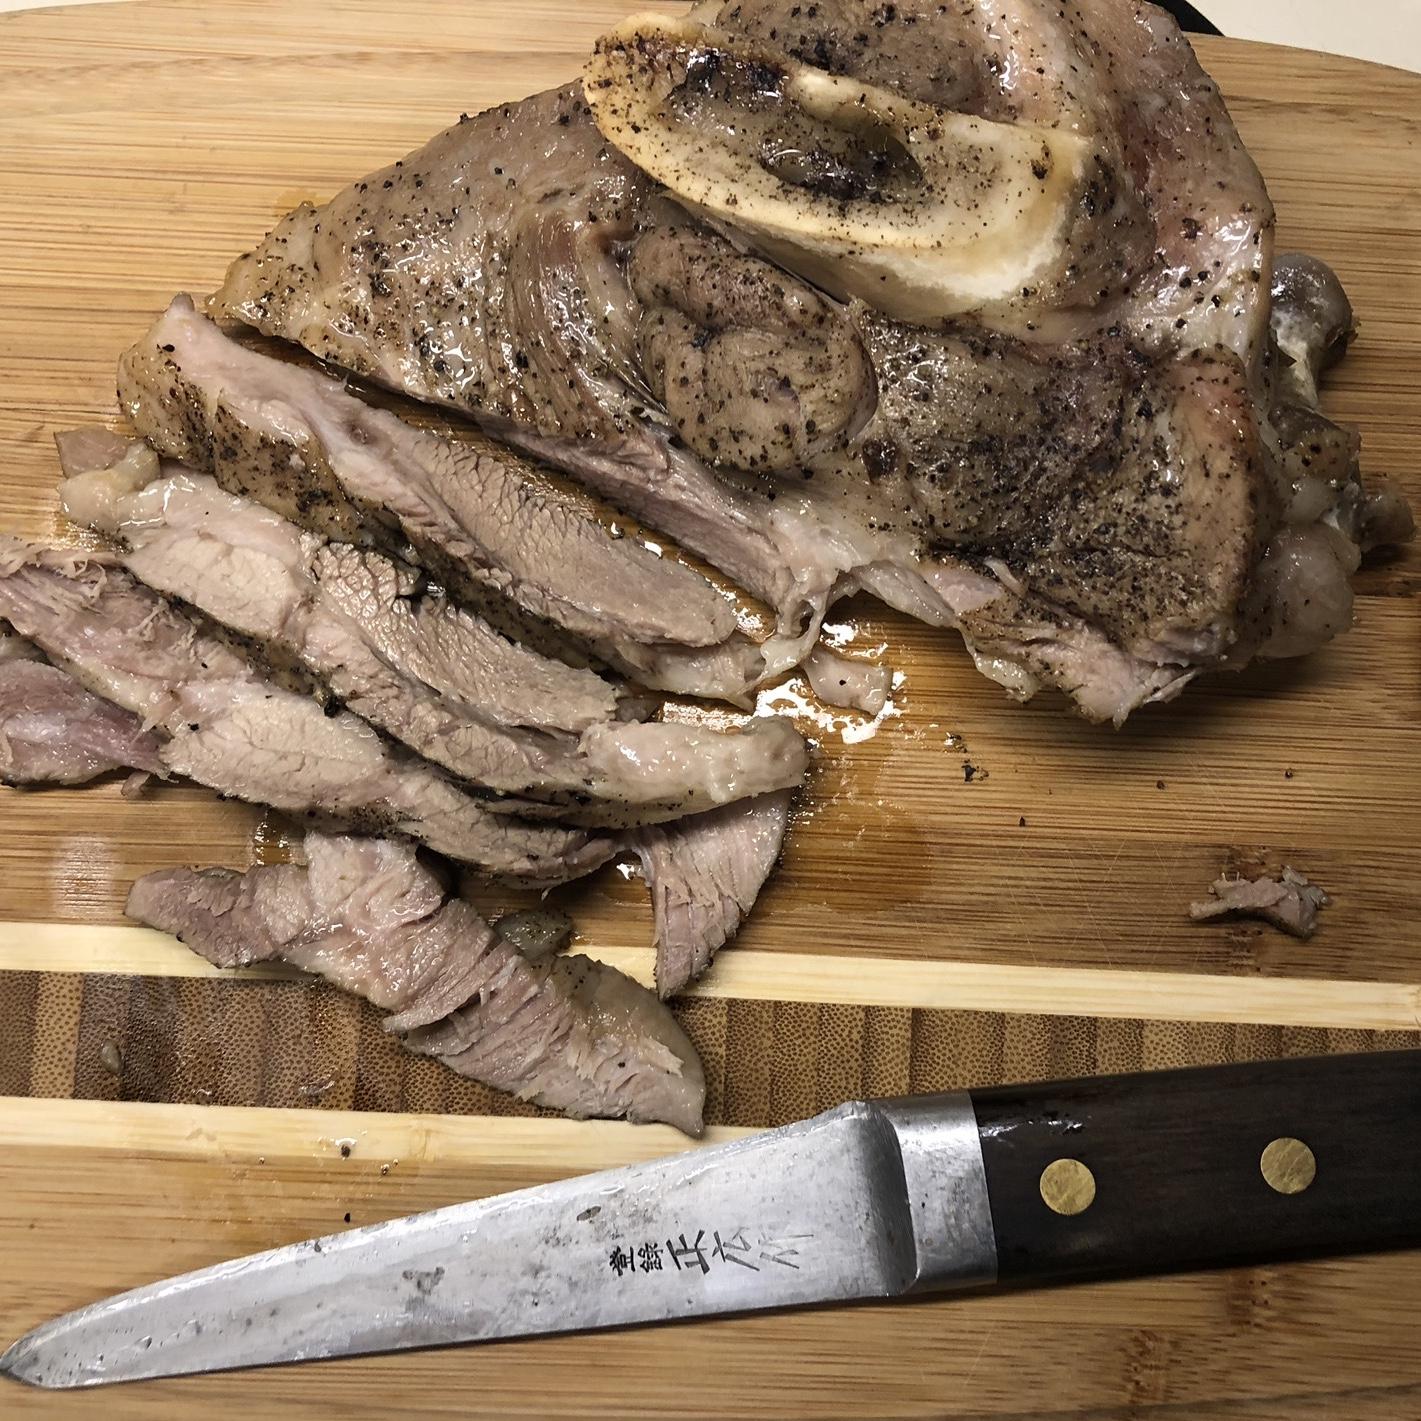 Slicing the Corned Pork Shoulder